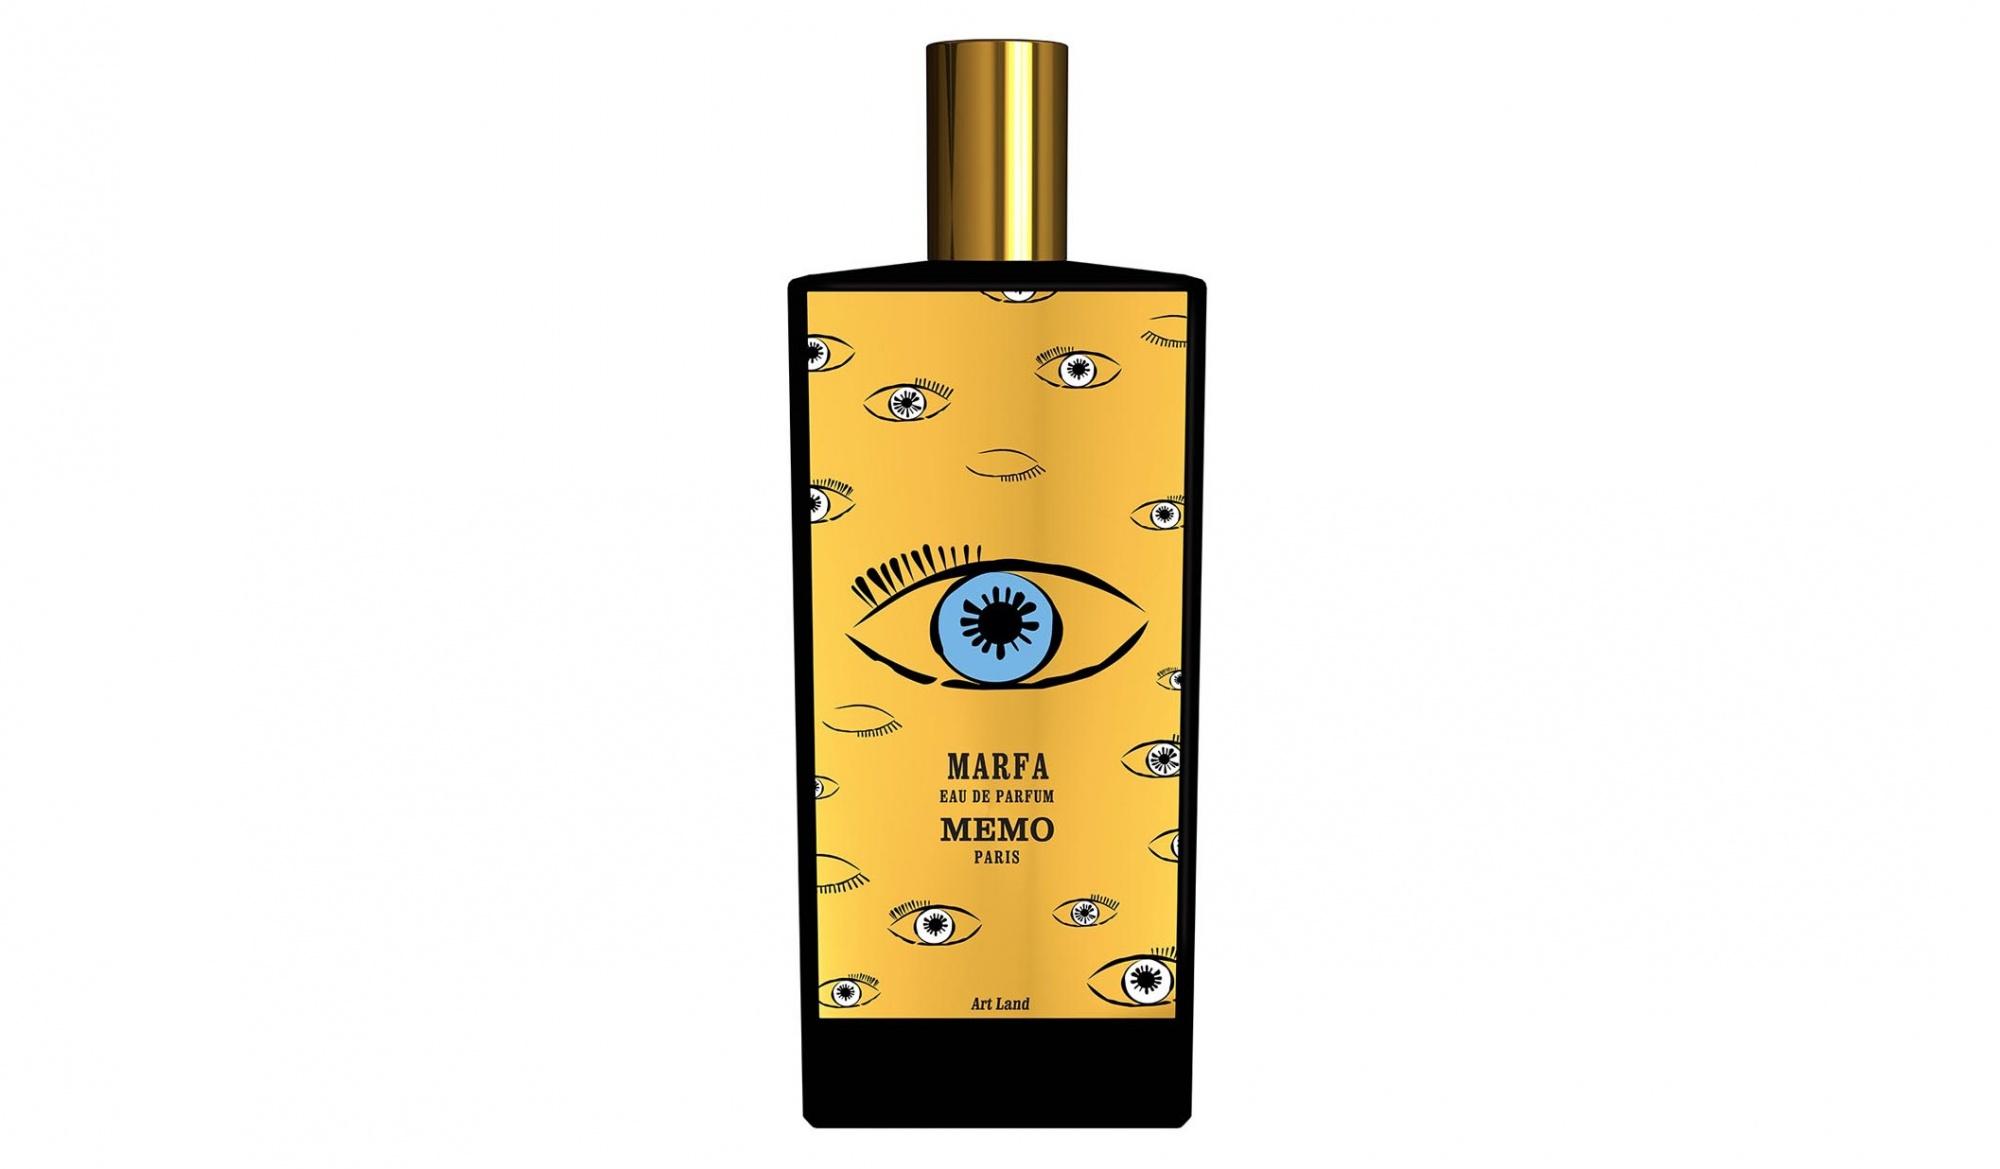 765b49f05 Selektívna voňavká voda. Na históriu vývoja parfému podnikania v ...